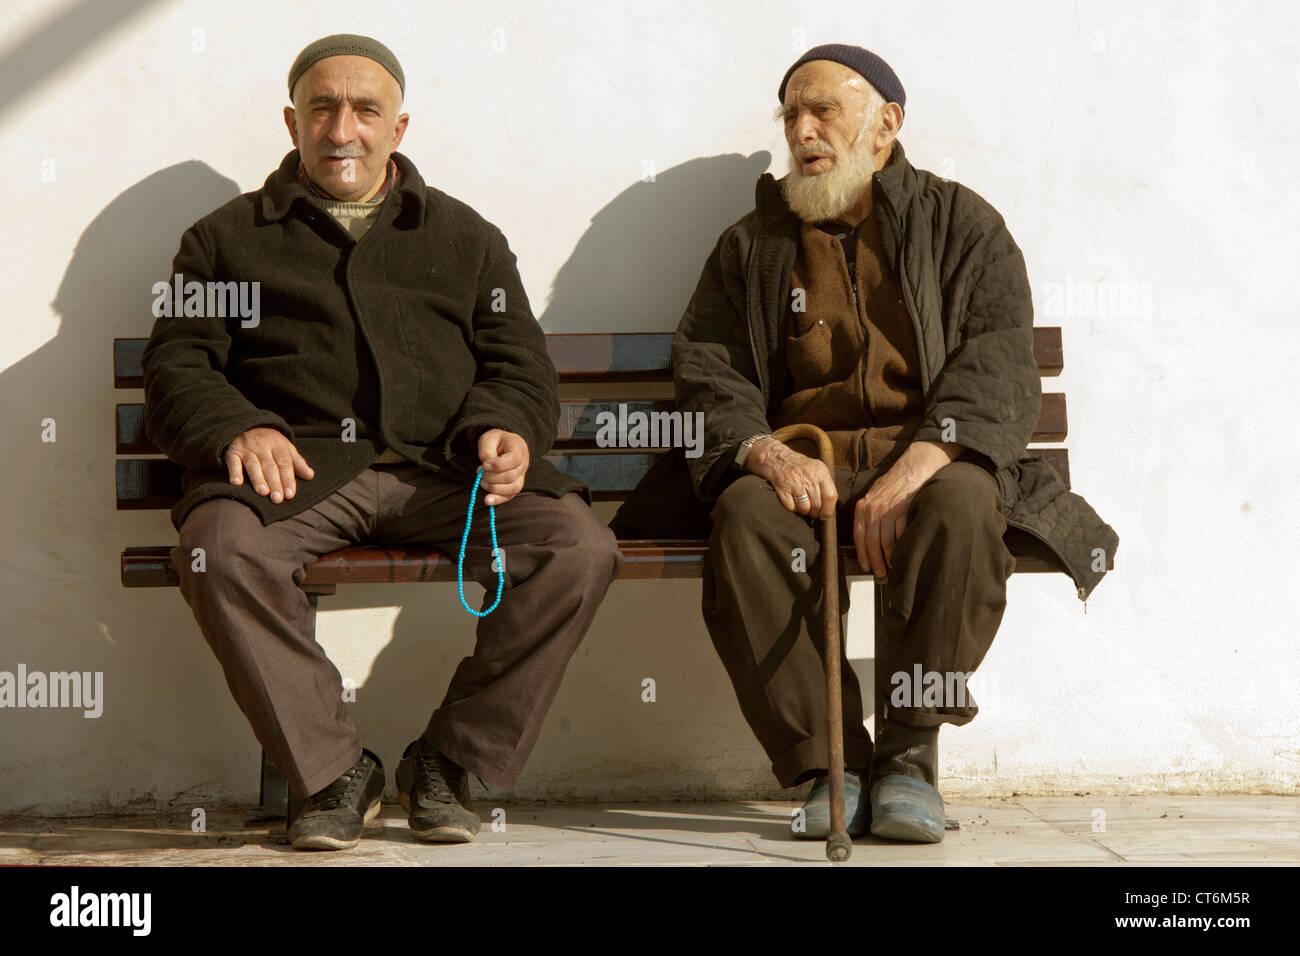 Türkei, Istanbul, Zwei Männer sitzen auf einer Bank vor der Kücük Aya Sofya (Kleine Hagia Sophia), - Stock Image